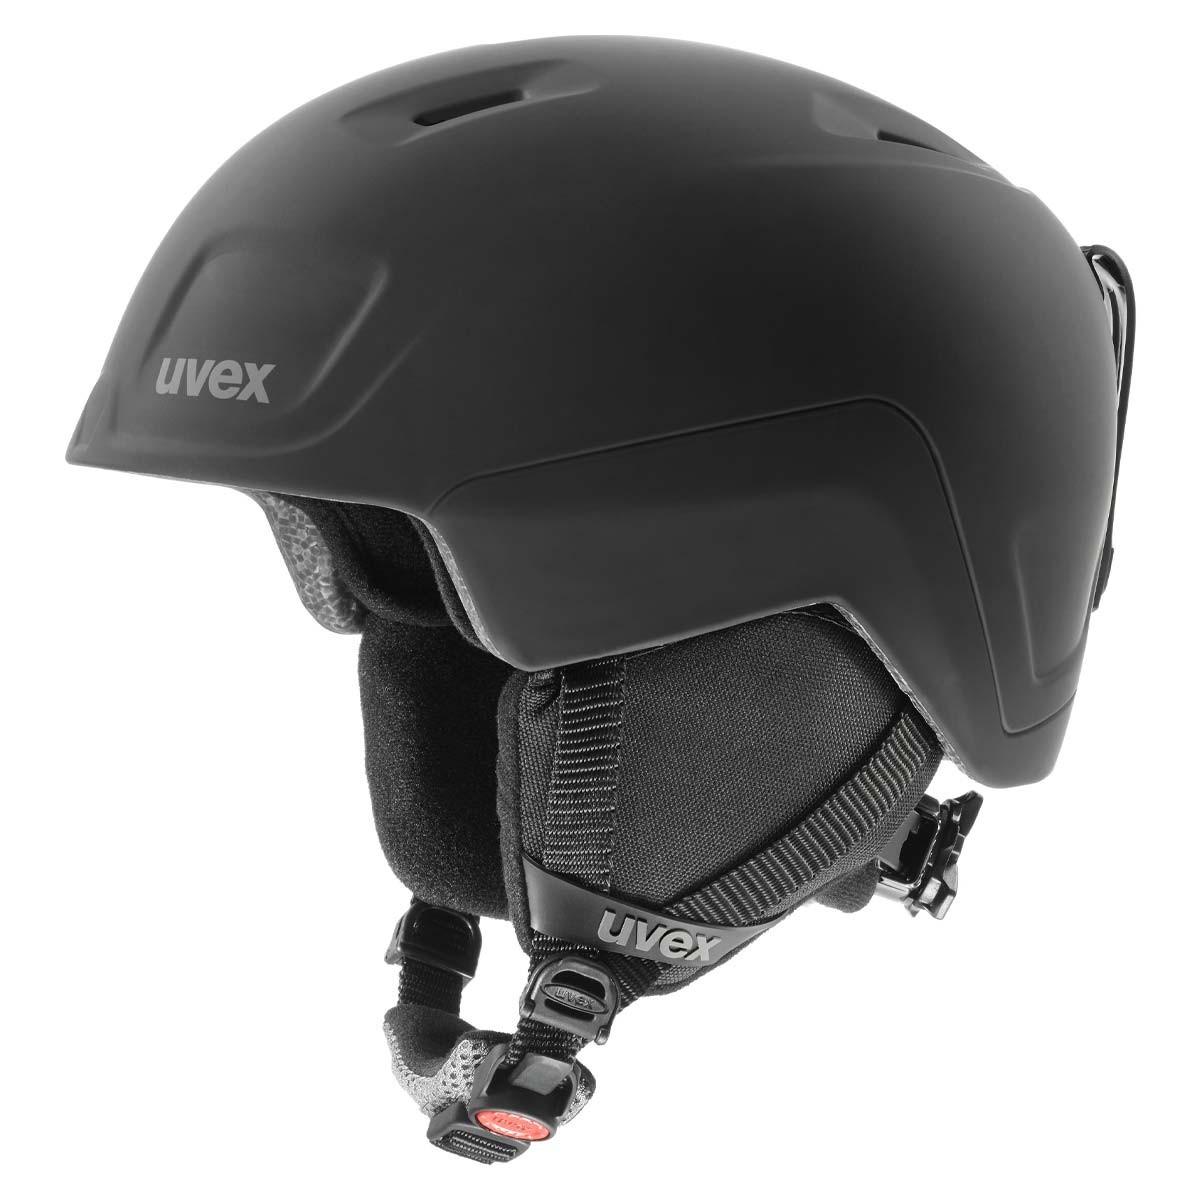 Casco sci Uvex Heyya Pro da bambino con maschera Uvex Flizz (Colore: bianco mat, Taglia: 51/55)